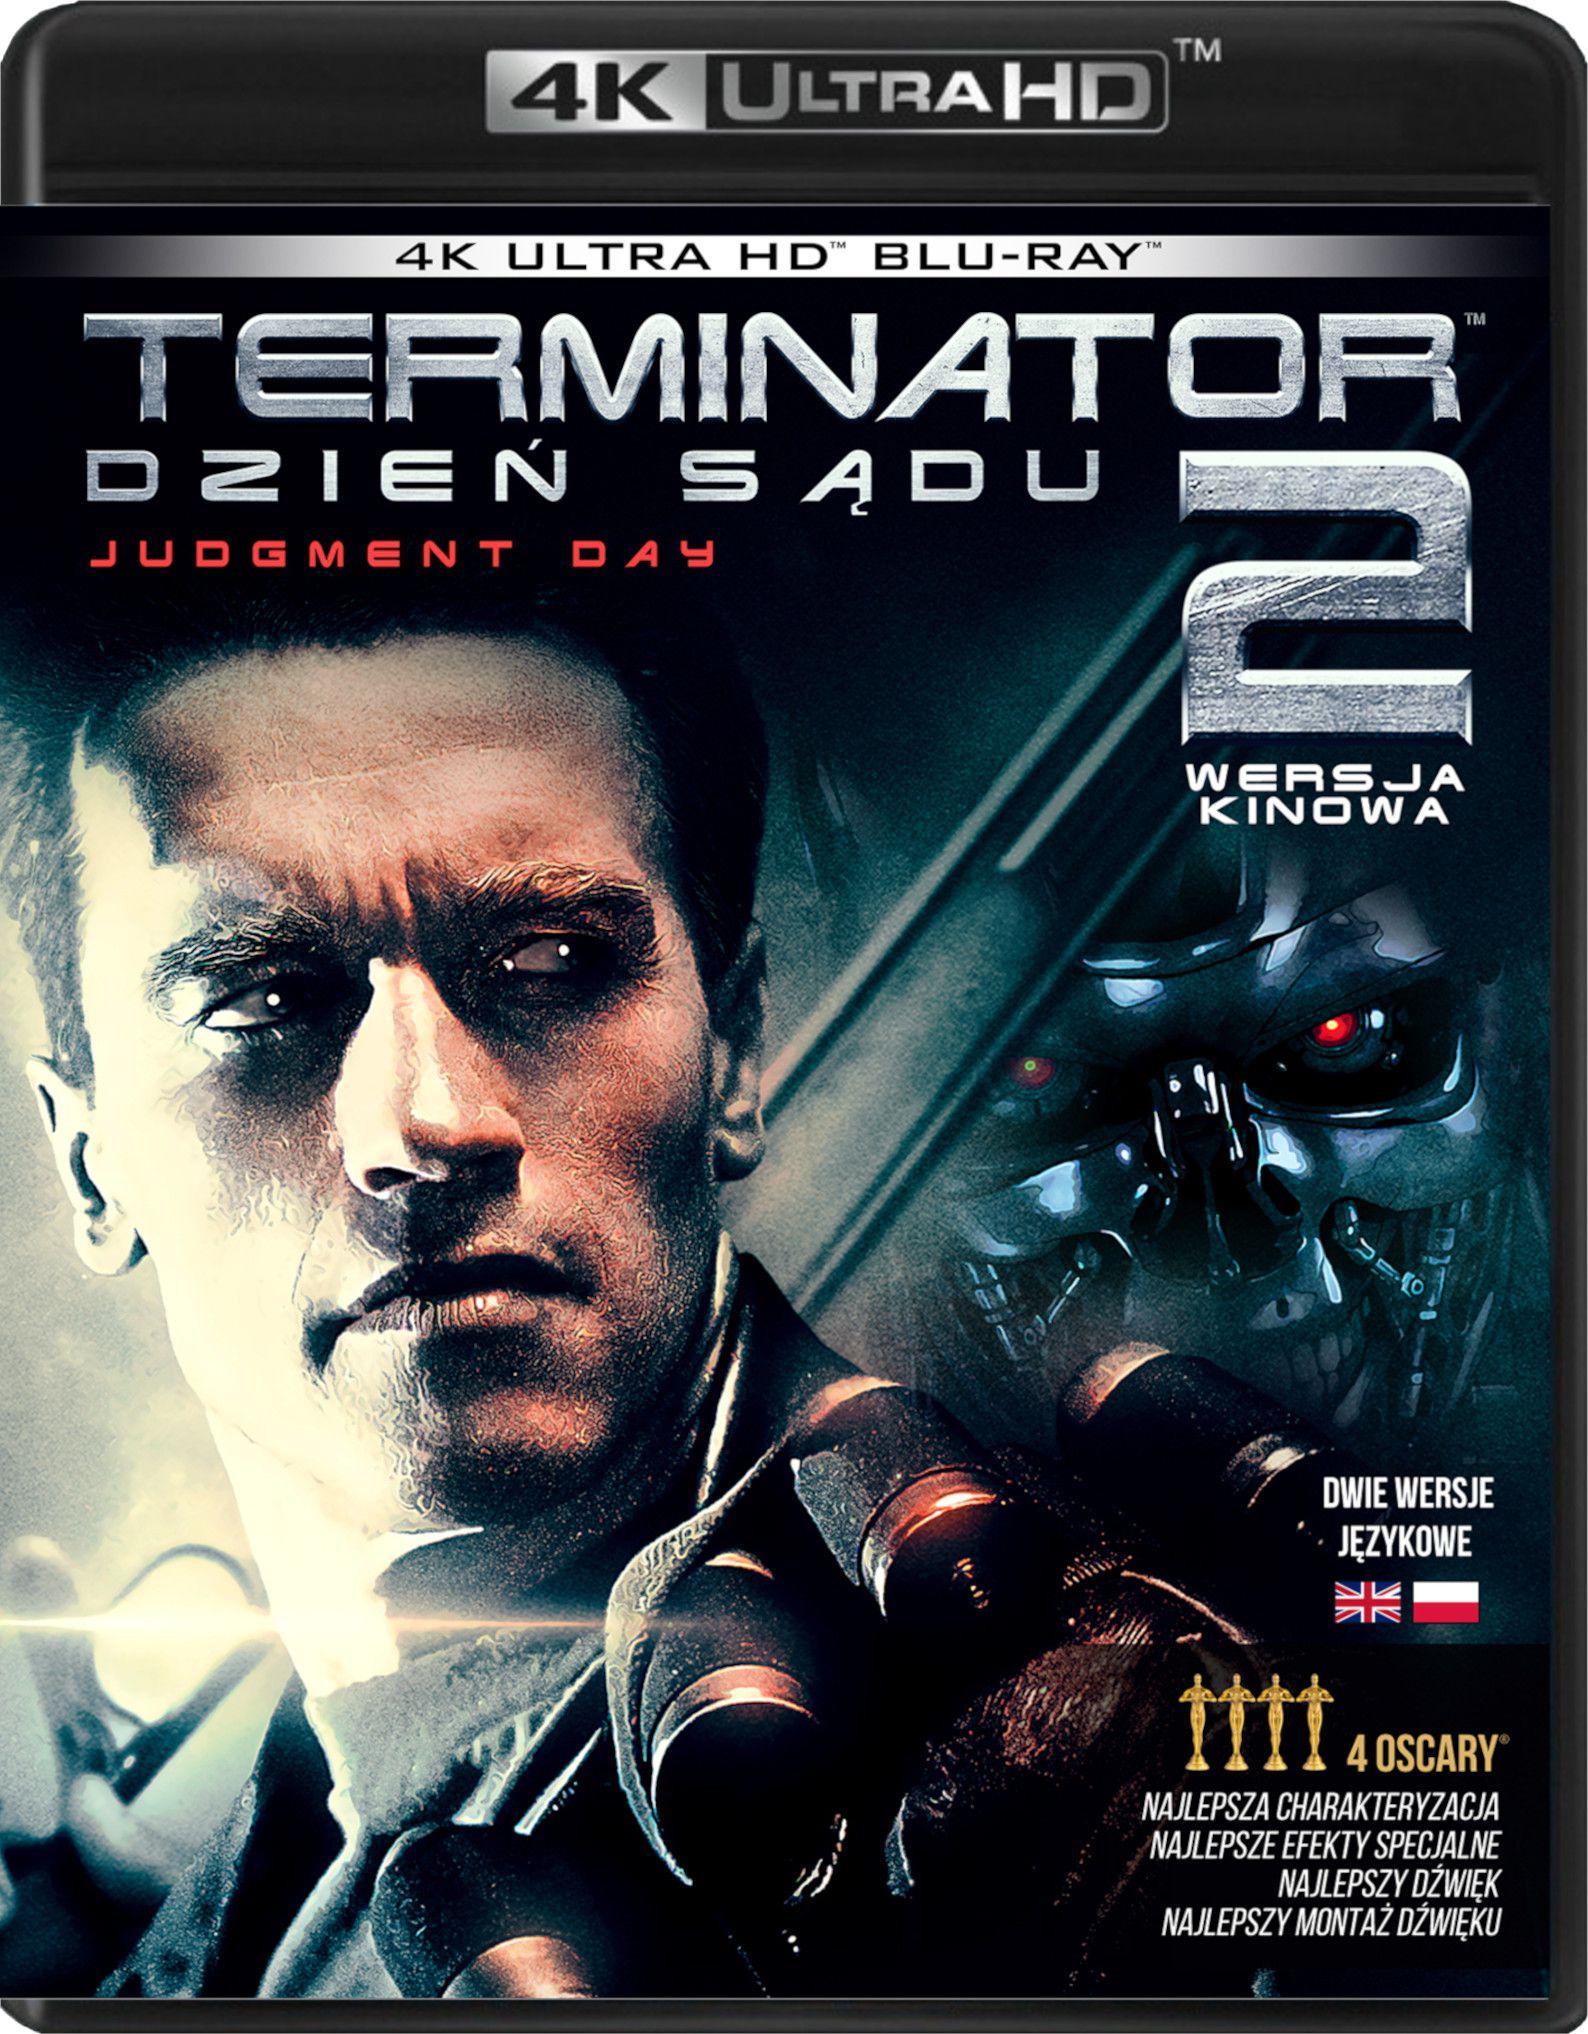 Wydanie 4K Ultra HD Blu-ray filmu Terminator 2: Dzień sądu